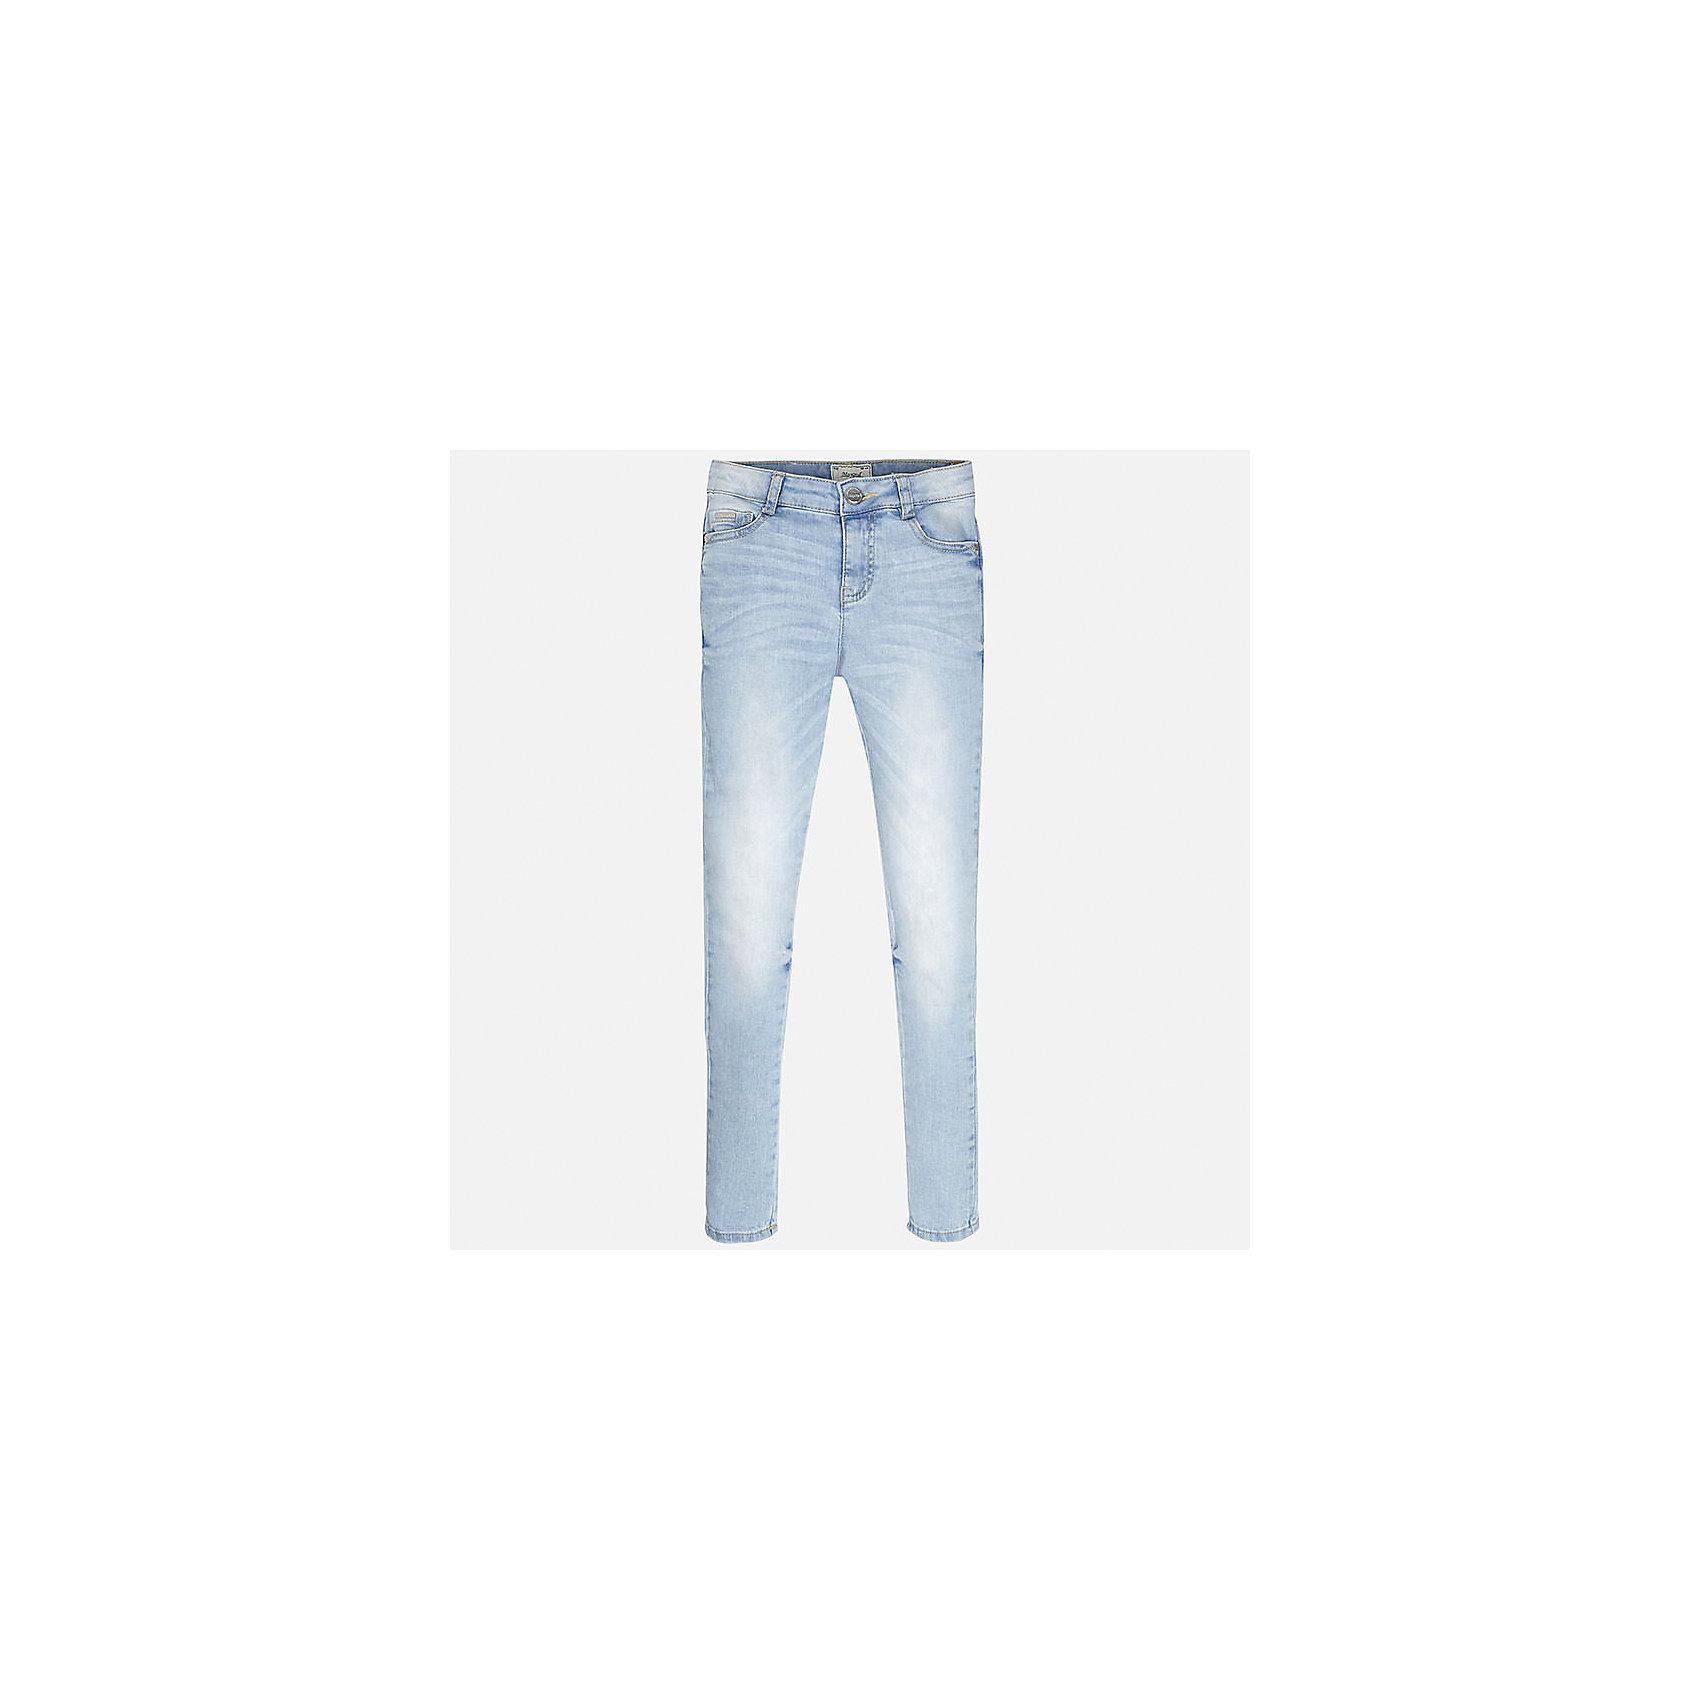 Джинсы для девочки MayoralДжинсы<br>Характеристики товара:<br><br>• цвет: голубой<br>• состав: 98% хлопок, 2% эластан<br>• эффект потертости<br>• карманы<br>• пояс с регулировкой объема<br>• шлевки<br>• страна бренда: Испания<br><br>Стильные джинсы для девочки смогут разнообразить гардероб ребенка и украсить наряд. Они отлично сочетаются с майками, футболками, блузками. Красивый оттенок позволяет подобрать к вещи верх разных расцветок. Интересный крой модели делает её нарядной и оригинальной. В составе материала - натуральный хлопок, гипоаллергенный, приятный на ощупь, дышащий.<br><br>Одежда, обувь и аксессуары от испанского бренда Mayoral полюбились детям и взрослым по всему миру. Модели этой марки - стильные и удобные. Для их производства используются только безопасные, качественные материалы и фурнитура. Порадуйте ребенка модными и красивыми вещами от Mayoral! <br><br>Джинсы для девочки от испанского бренда Mayoral (Майорал) можно купить в нашем интернет-магазине.<br><br>Ширина мм: 215<br>Глубина мм: 88<br>Высота мм: 191<br>Вес г: 336<br>Цвет: голубой<br>Возраст от месяцев: 84<br>Возраст до месяцев: 96<br>Пол: Женский<br>Возраст: Детский<br>Размер: 158,164,128/134,170,140,152<br>SKU: 5288513